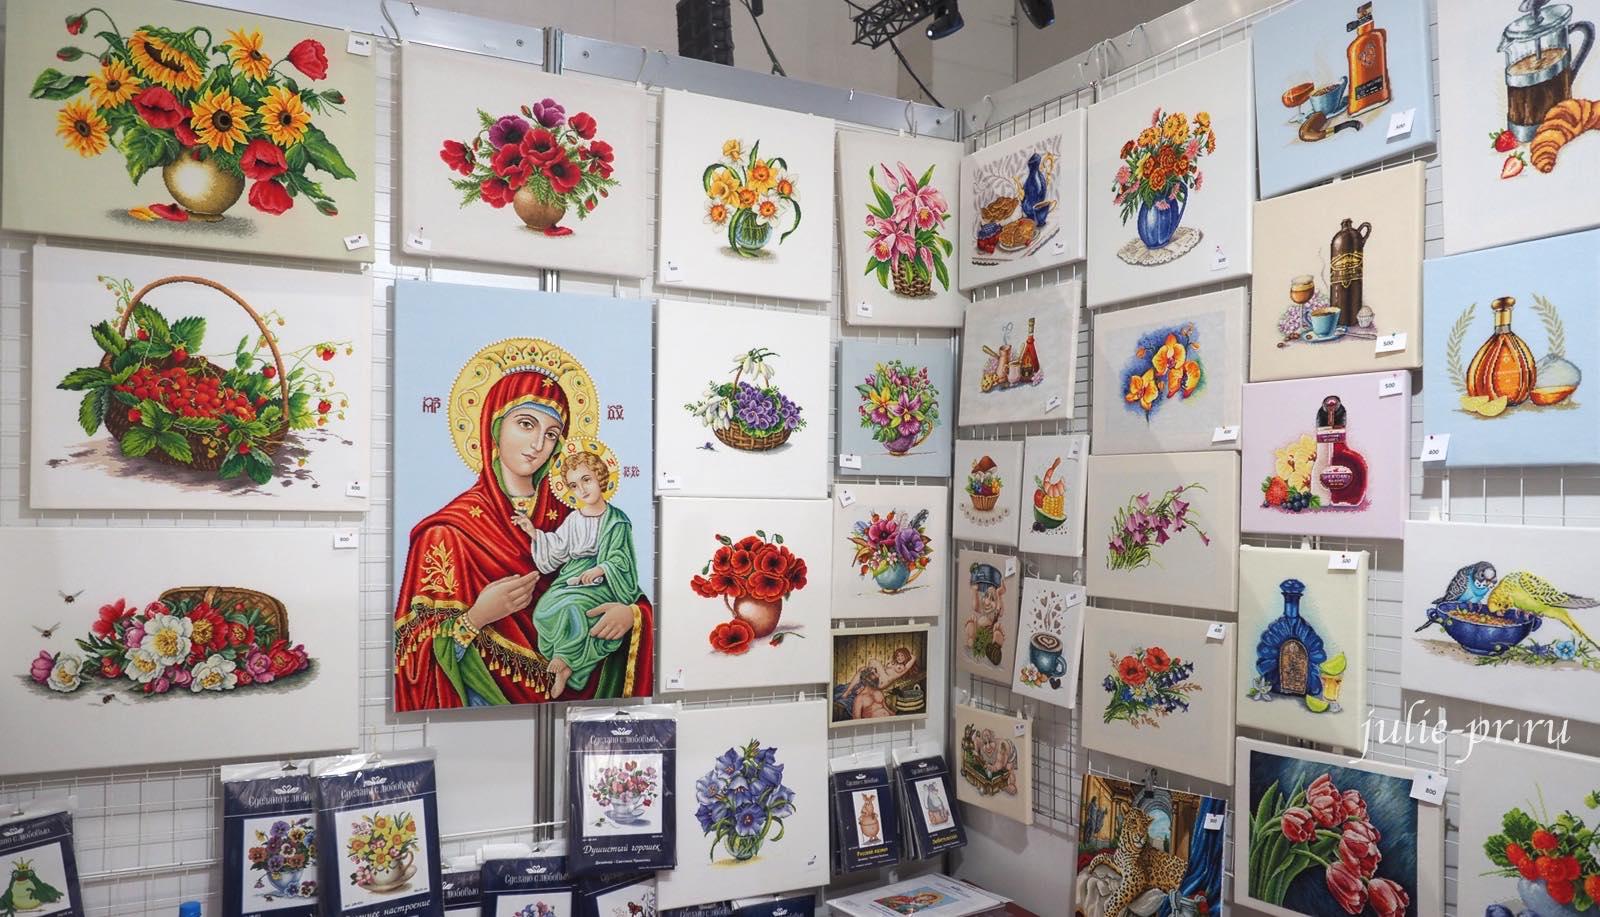 Сделано с любовью, Светлана Прокопец, формула рукоделия осень 2021, вышивка крестом, выставка